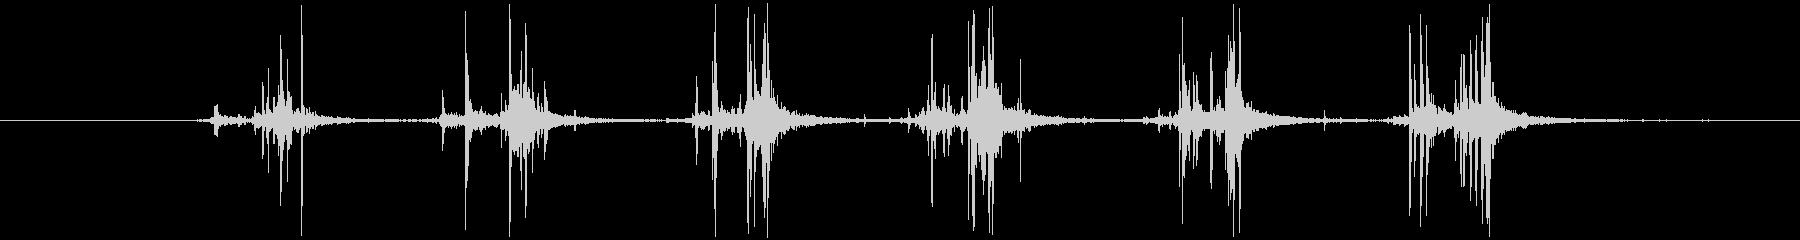 シャカシャカ(振る音)1の未再生の波形